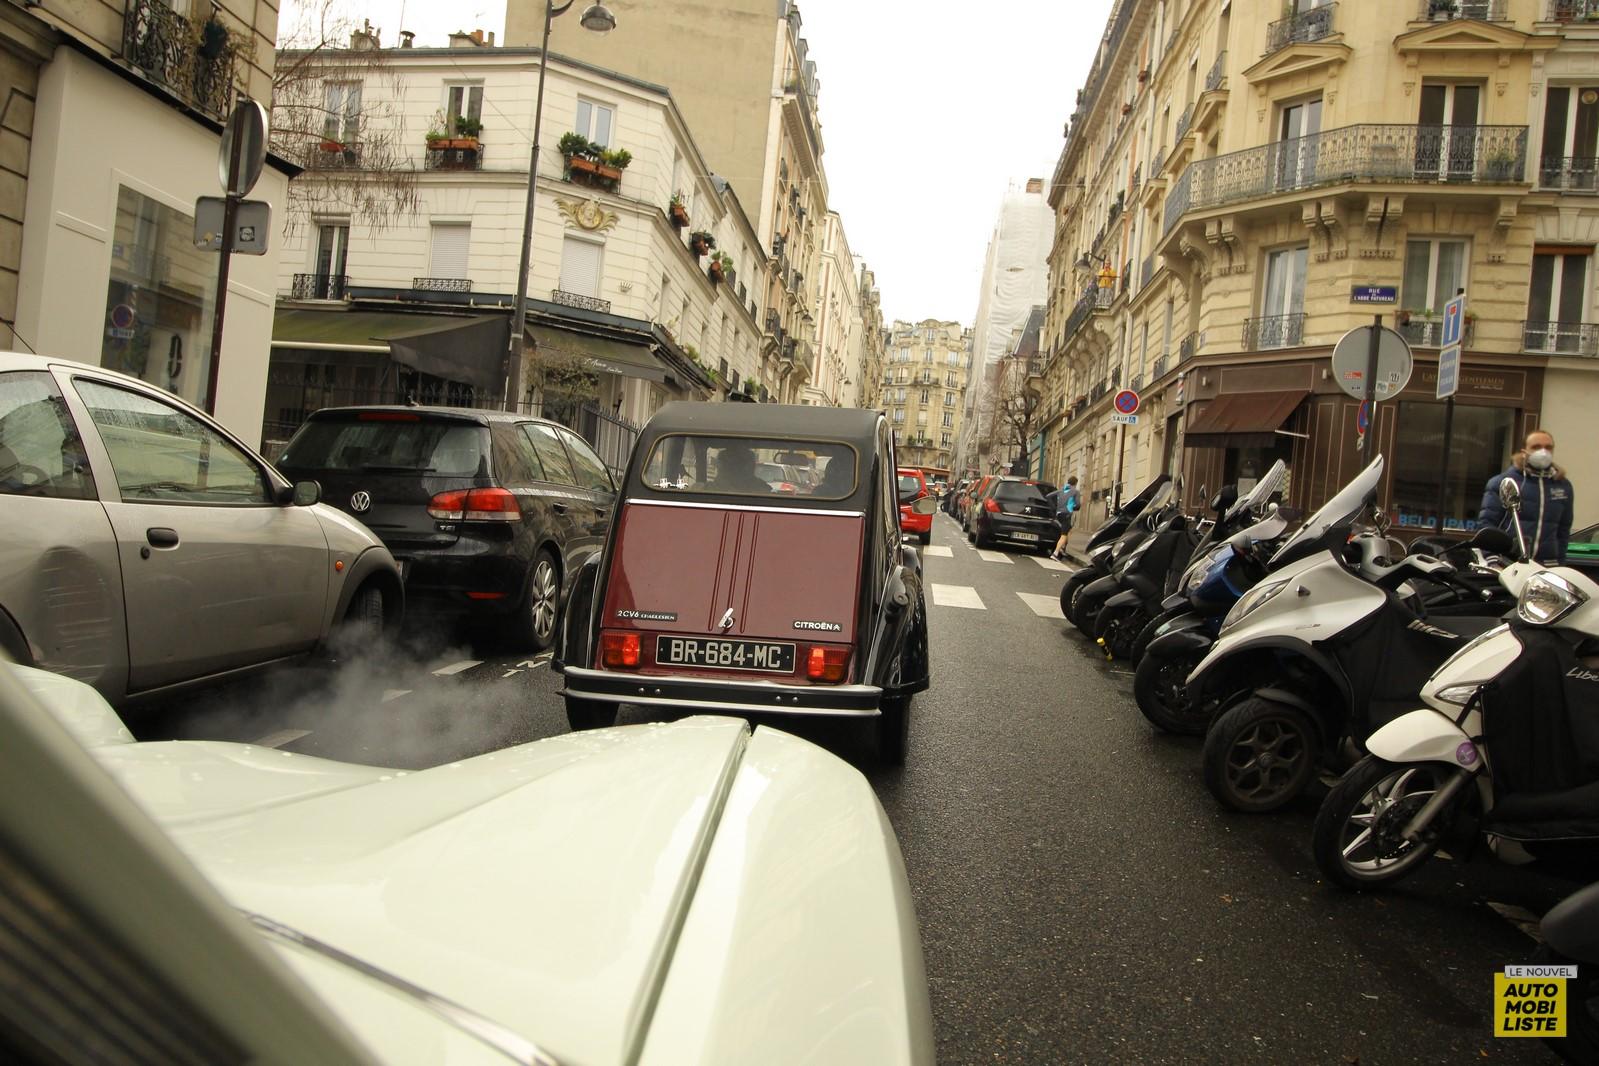 Traversee de Paris LNA Thibaut Dumoulin 11